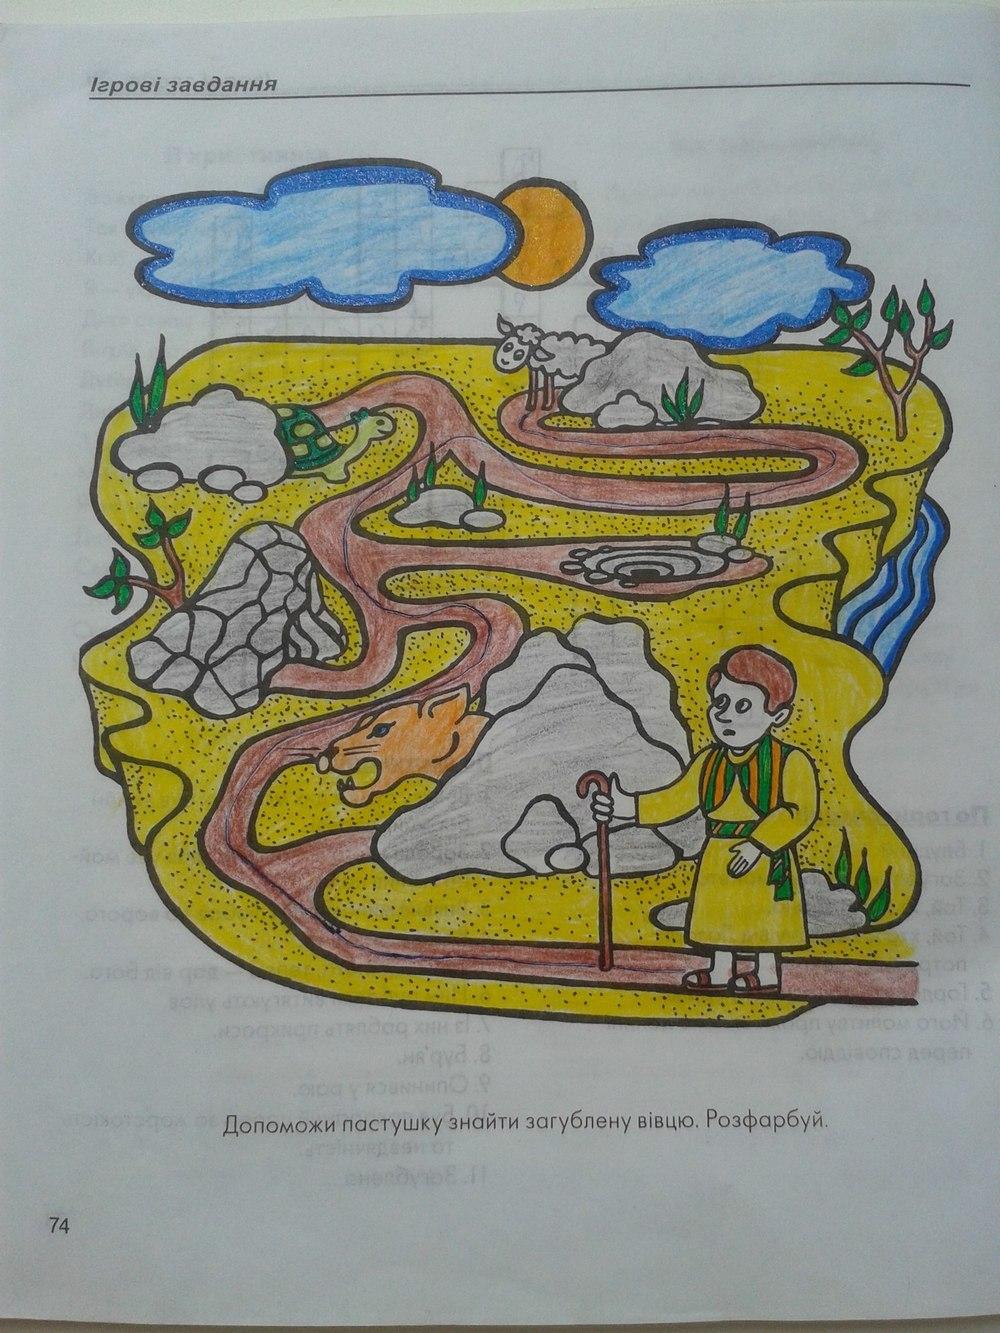 ГДЗ відповіді робочий зошит по этике 6 класс Г.О. Кізілова. Задание: стр. 74